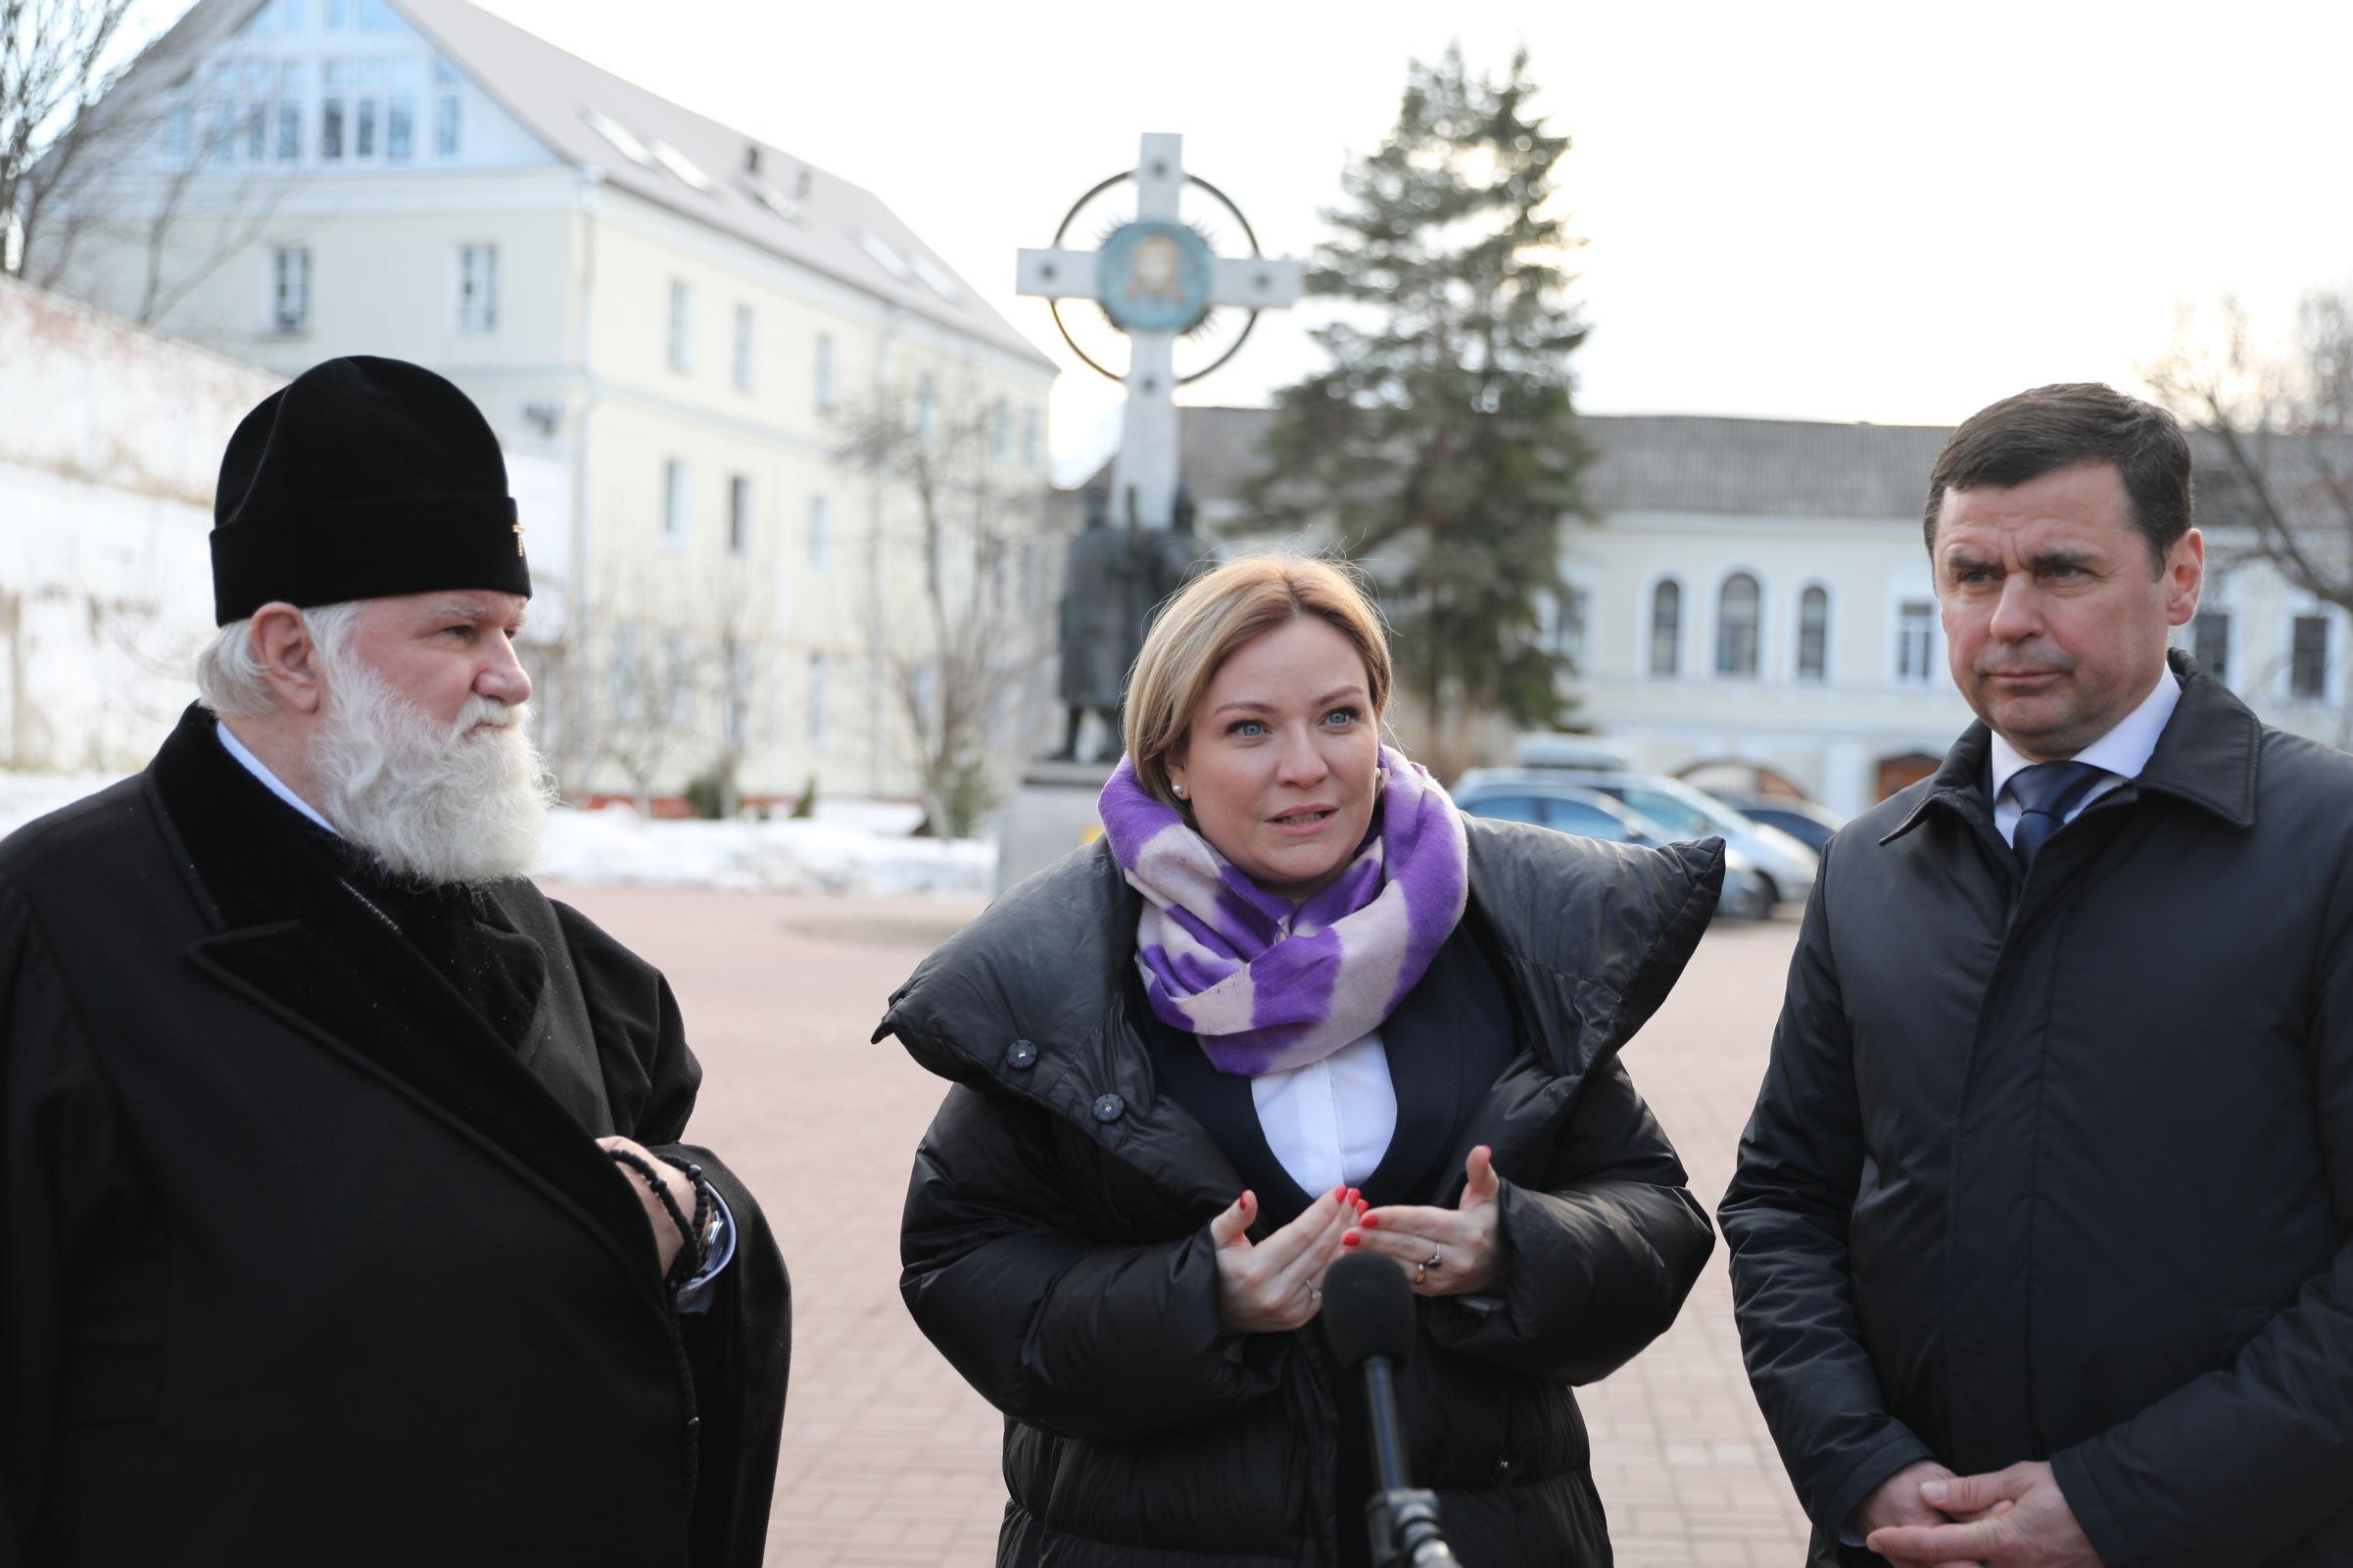 Дмитрий Миронов и Ольга Любимова передали в Спасо-Афанасиевский монастырь икону «Спас Нерукотворный»